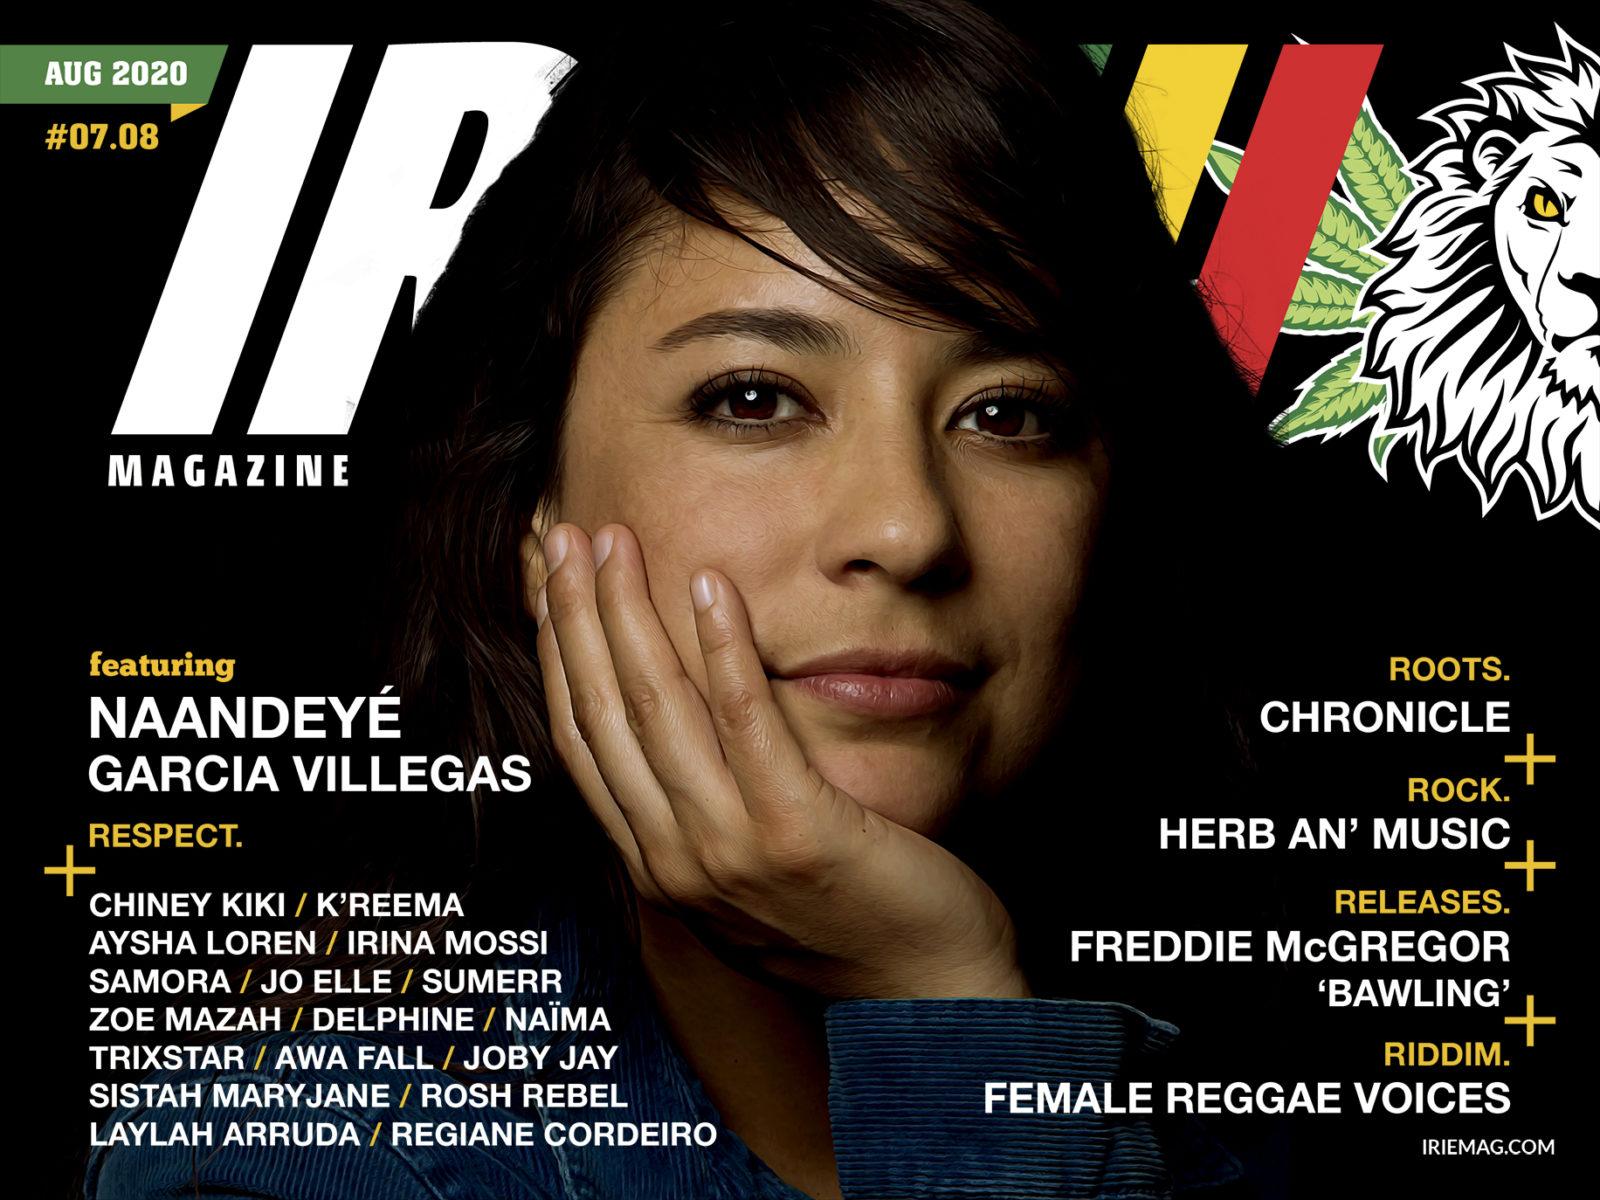 IRIE™ Magazine | August 2020 featuring Naandeyé Garcia Villegas